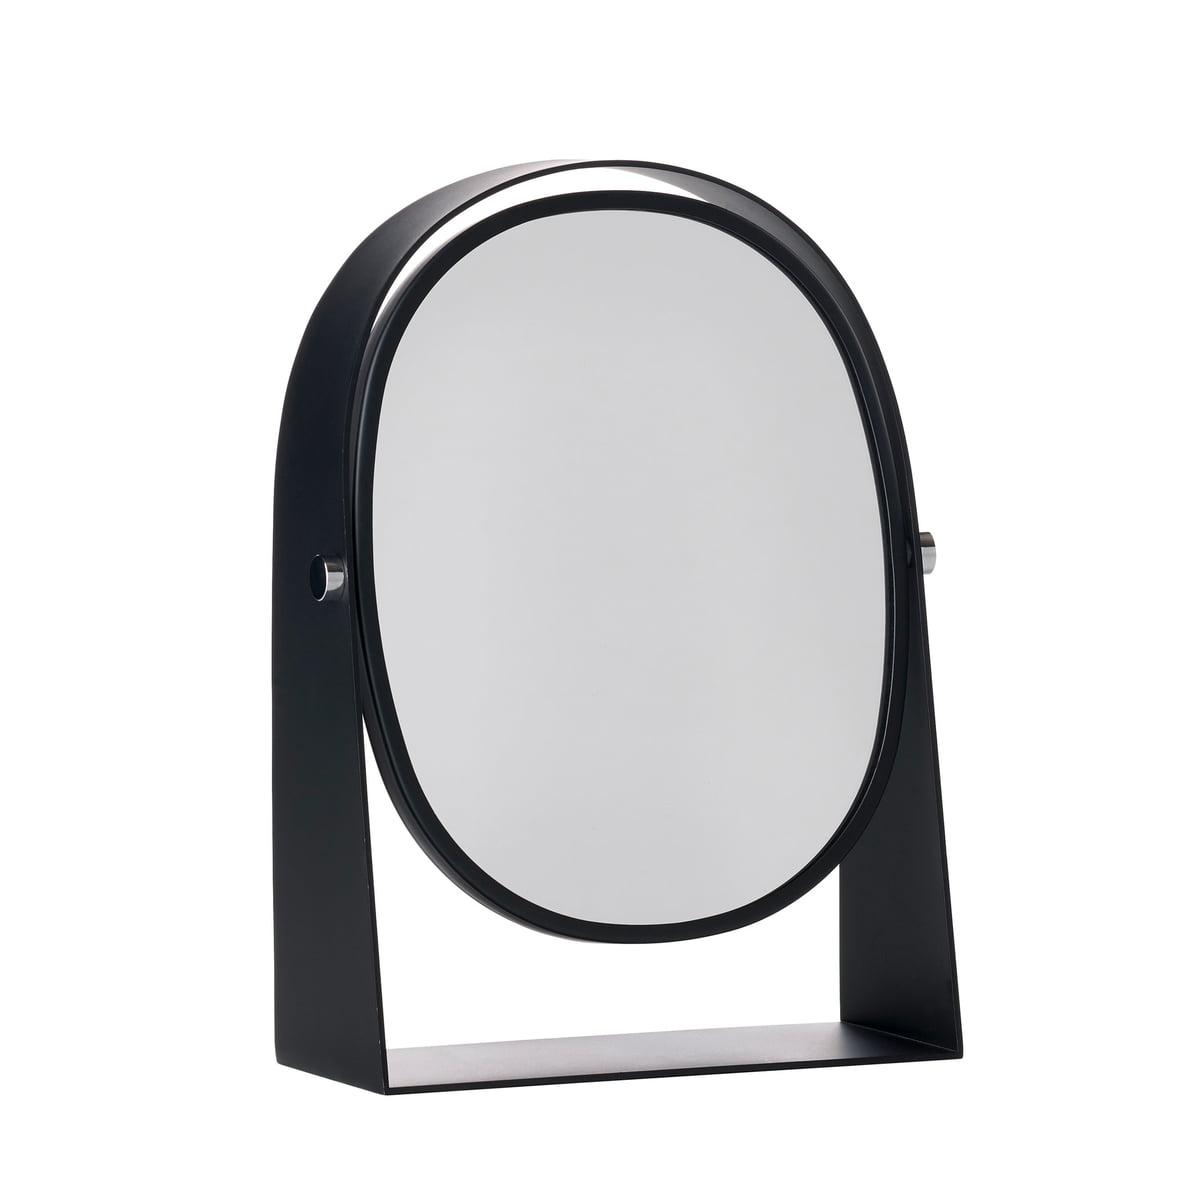 Zone Denmark - Kosmetikspiegel mit Vergrößerungseffekt oval, schwarz | Bad > Bad-Accessoires > Kosmetikspiegel | Schwarz | 18/8 edelstahl -  spiegelglas | Zone